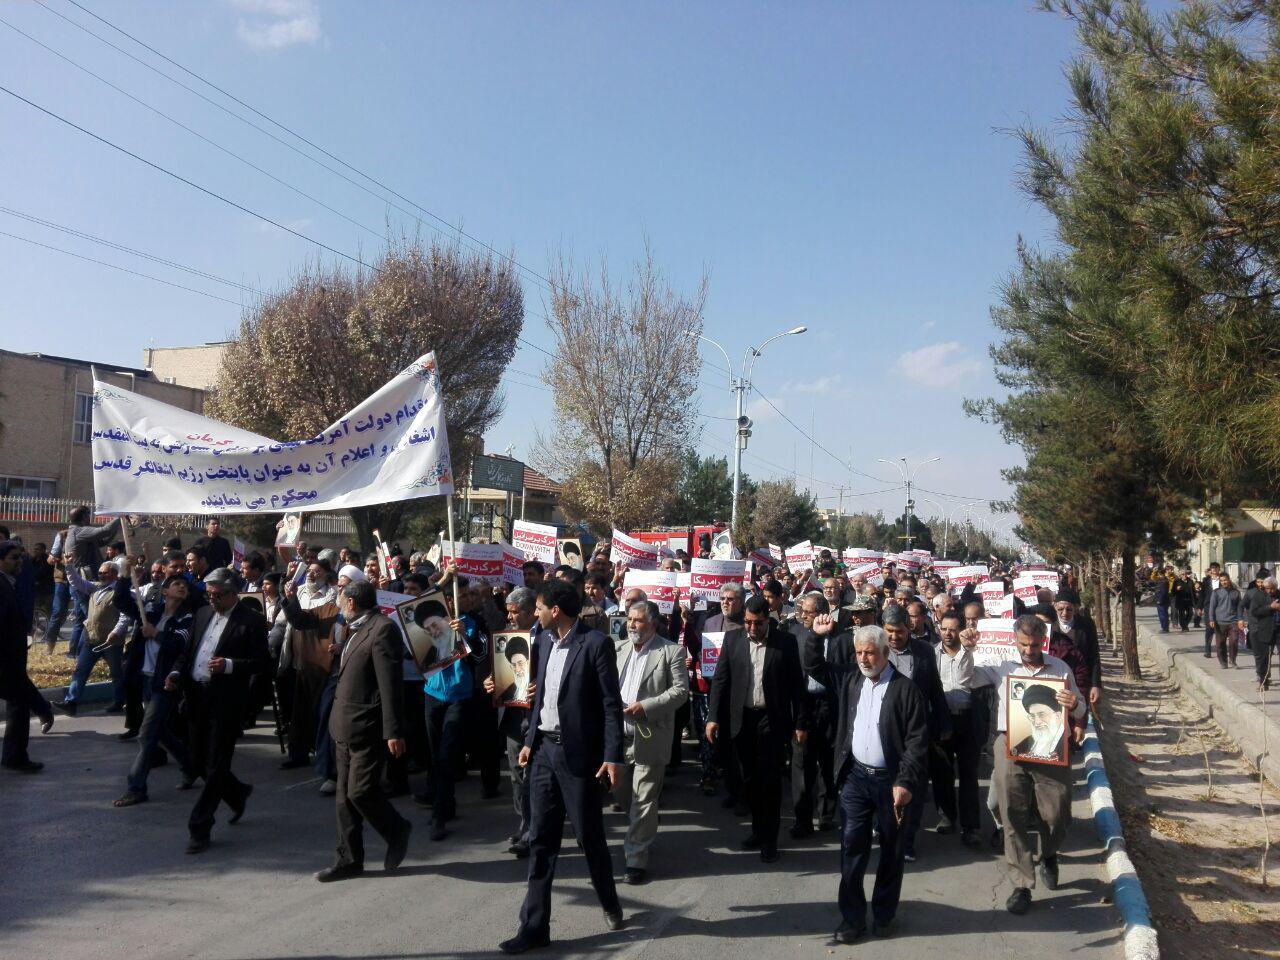 مردم کرمان ضد ترامپ ، راهپیمایی کردند